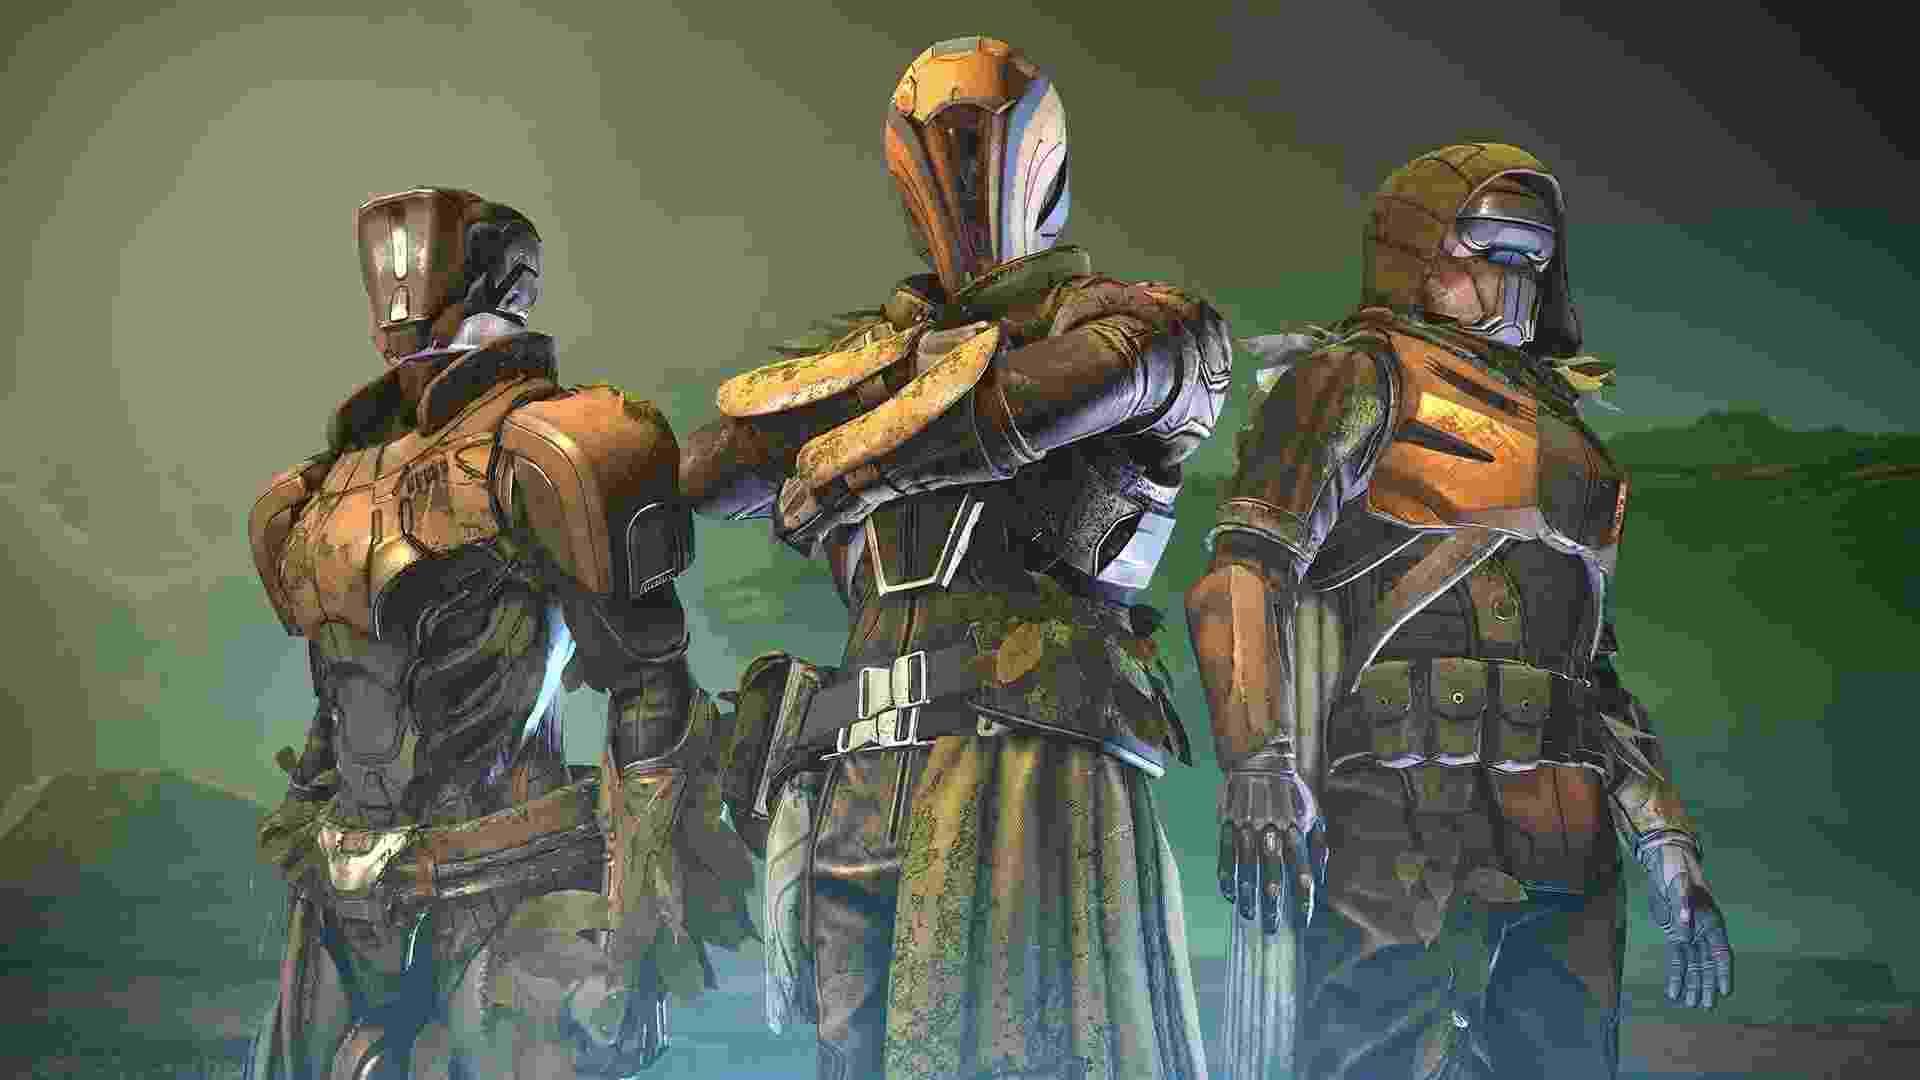 Destiny 2: Fortaleza das Sombras - Divulgação